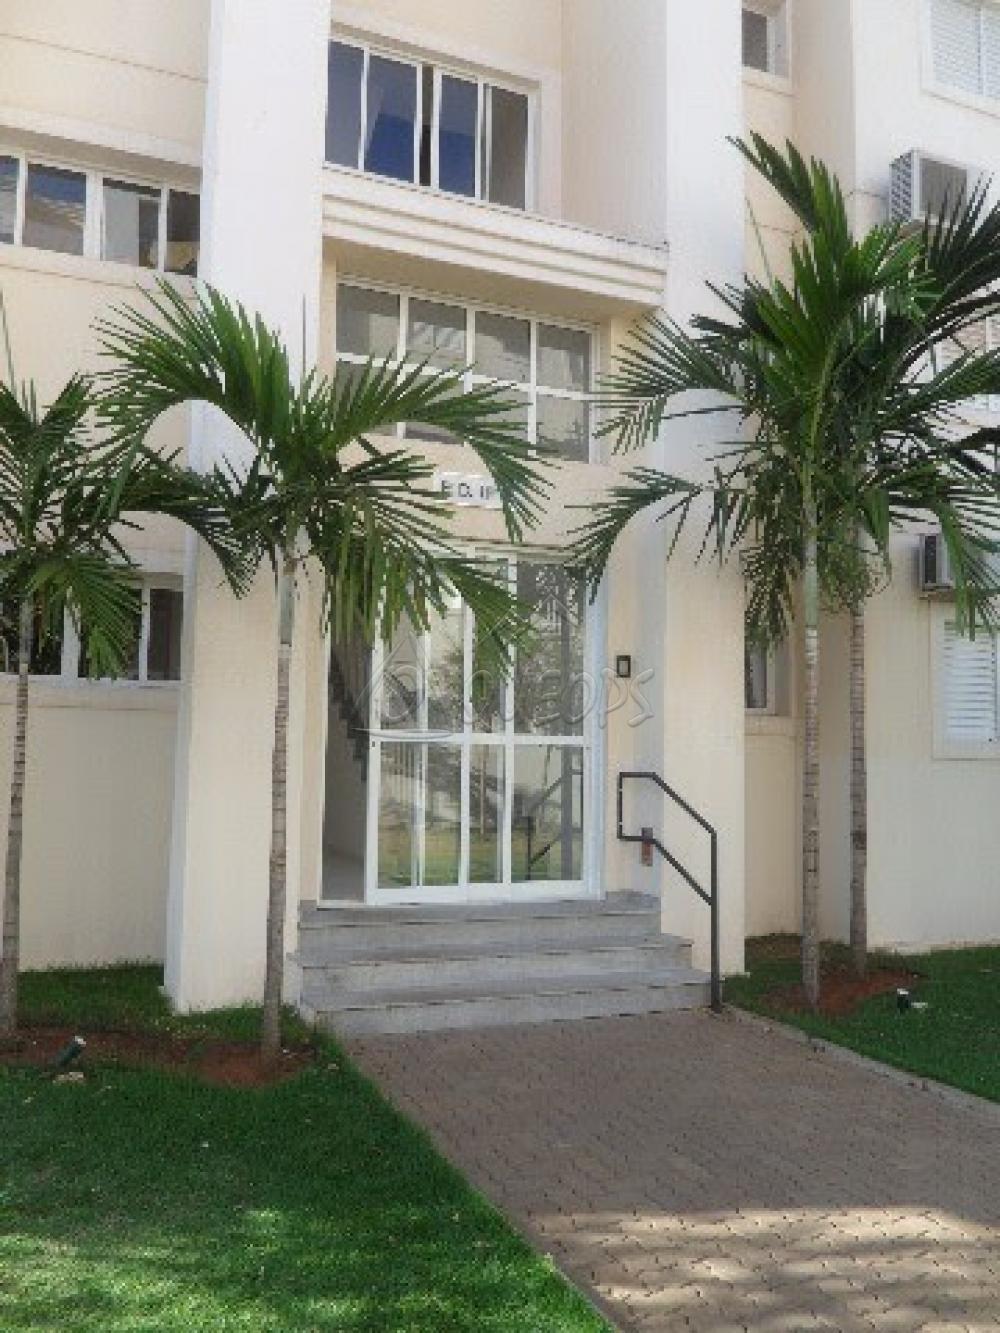 Alugar Apartamento / Padrão em Barretos apenas R$ 1.700,00 - Foto 1